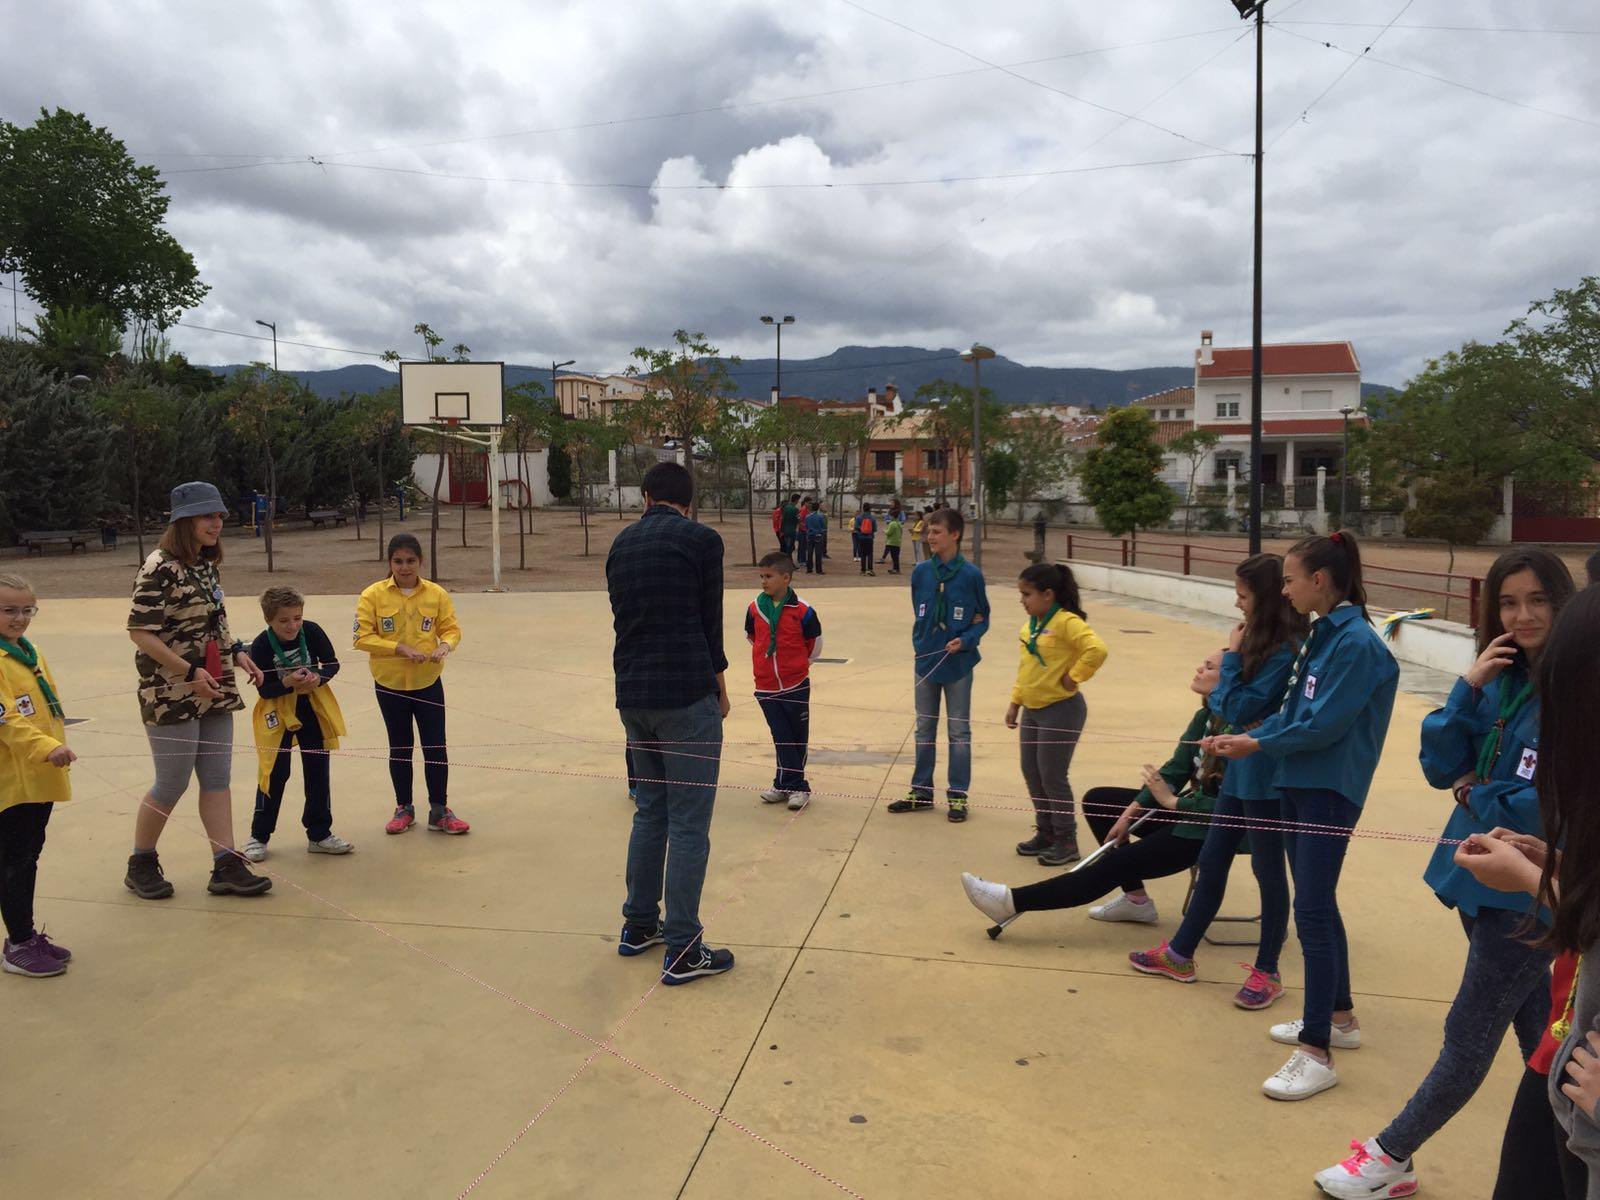 Grupo - Gójar 31 - 15-16